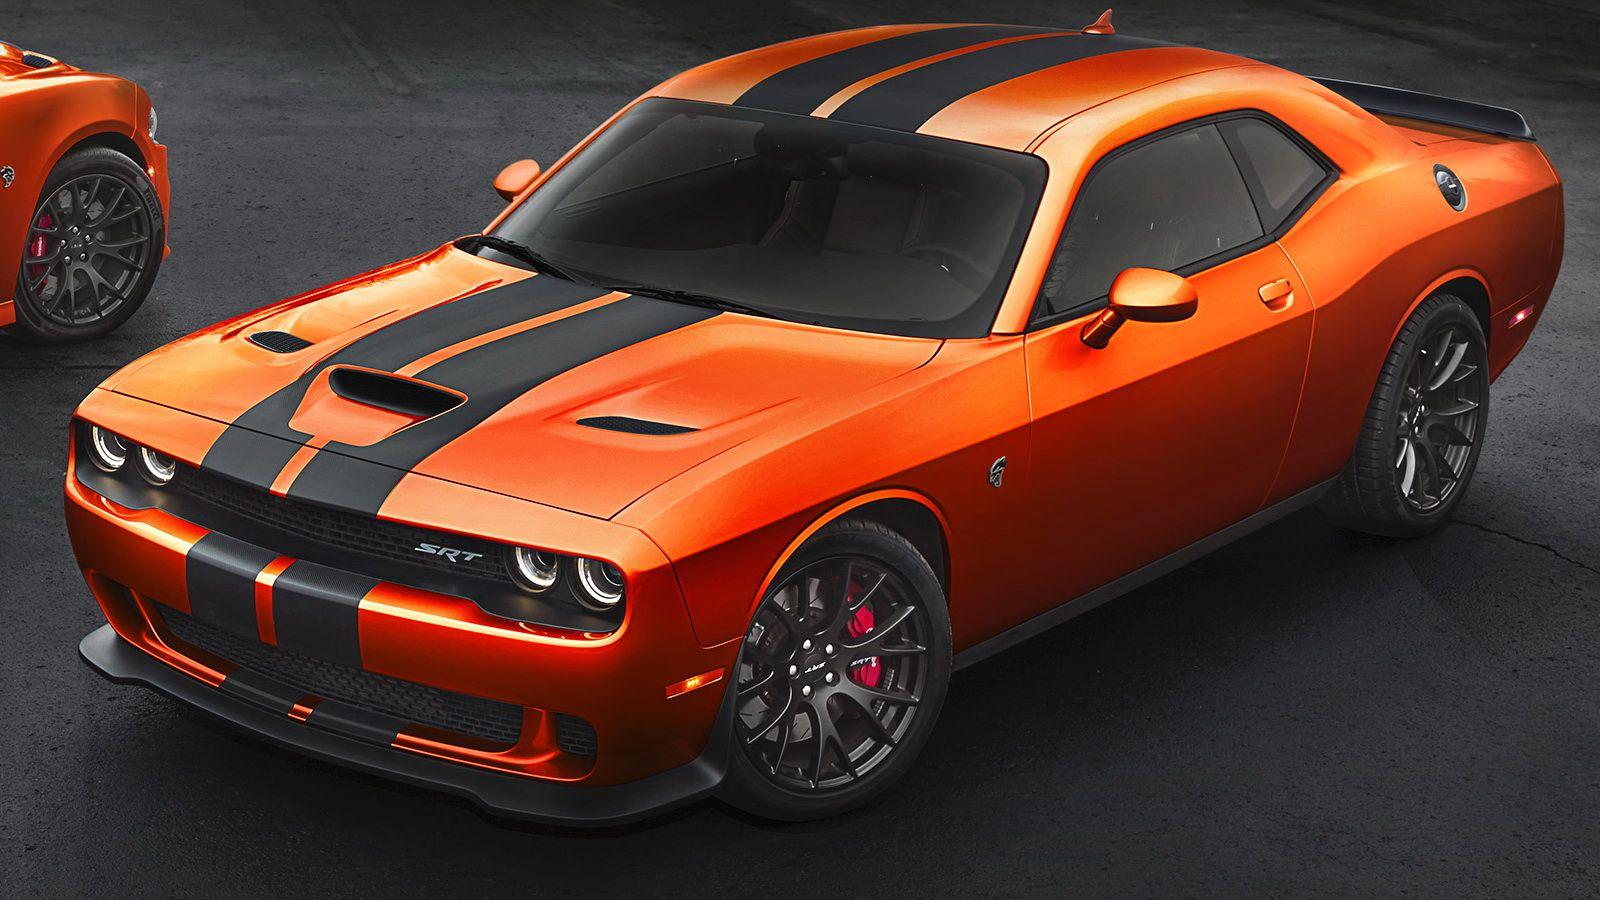 Dodge Brings Back Go Mango Paint Option For 2016 Challenger Charger Srt Carscoops Dodge Challenger Hellcat Hellcat Challenger Dodge Challenger